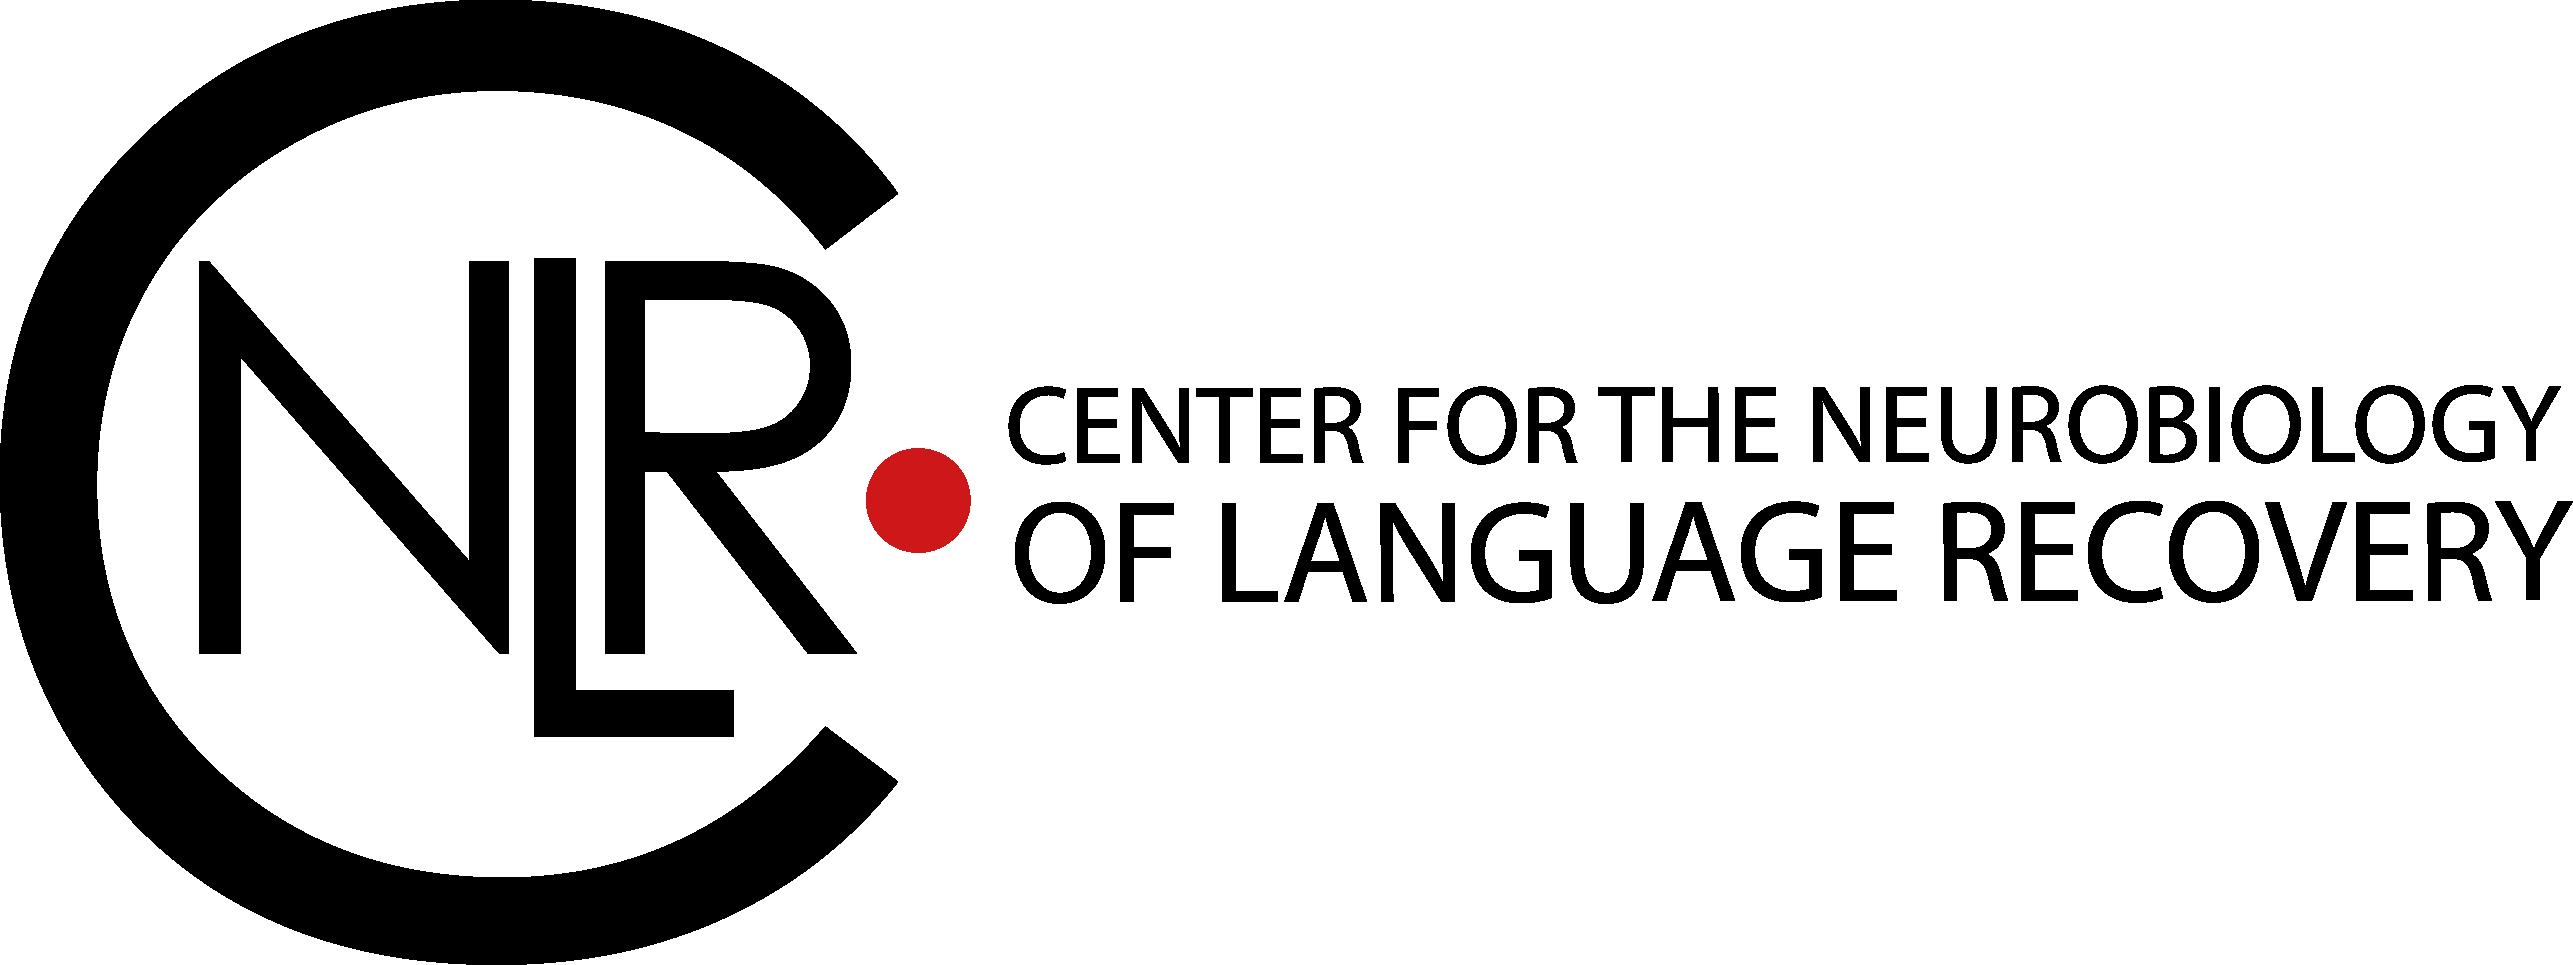 sca_gd_northwestern_cnlr_logo-tag_side